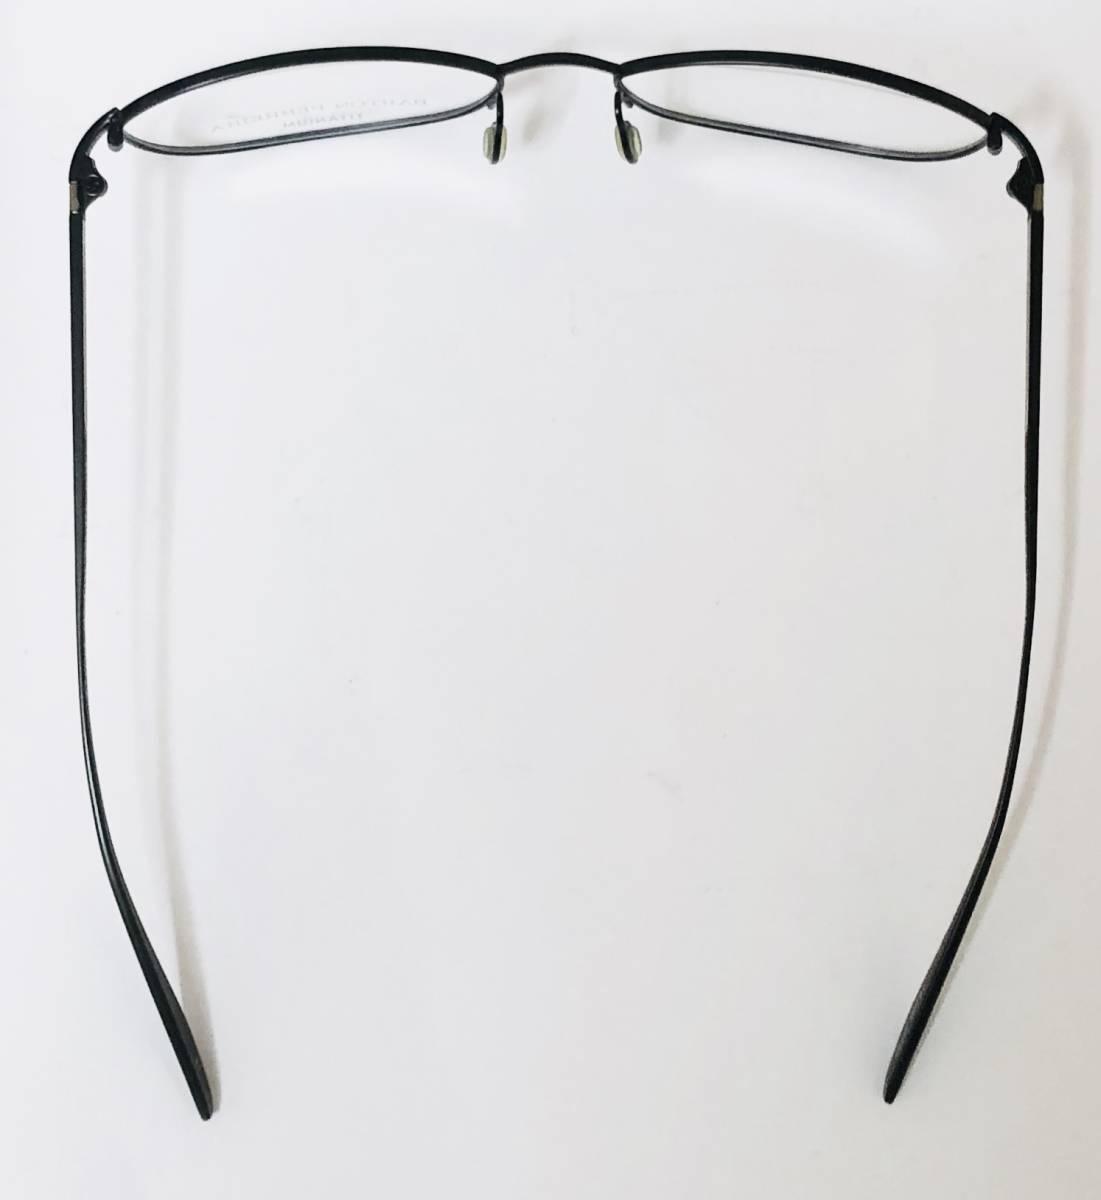 定価 42,500円 バートンペレイラ ヘイゼル チタン製 日本製メガネ 黒 Barton Perreira 米国ブランド _画像8